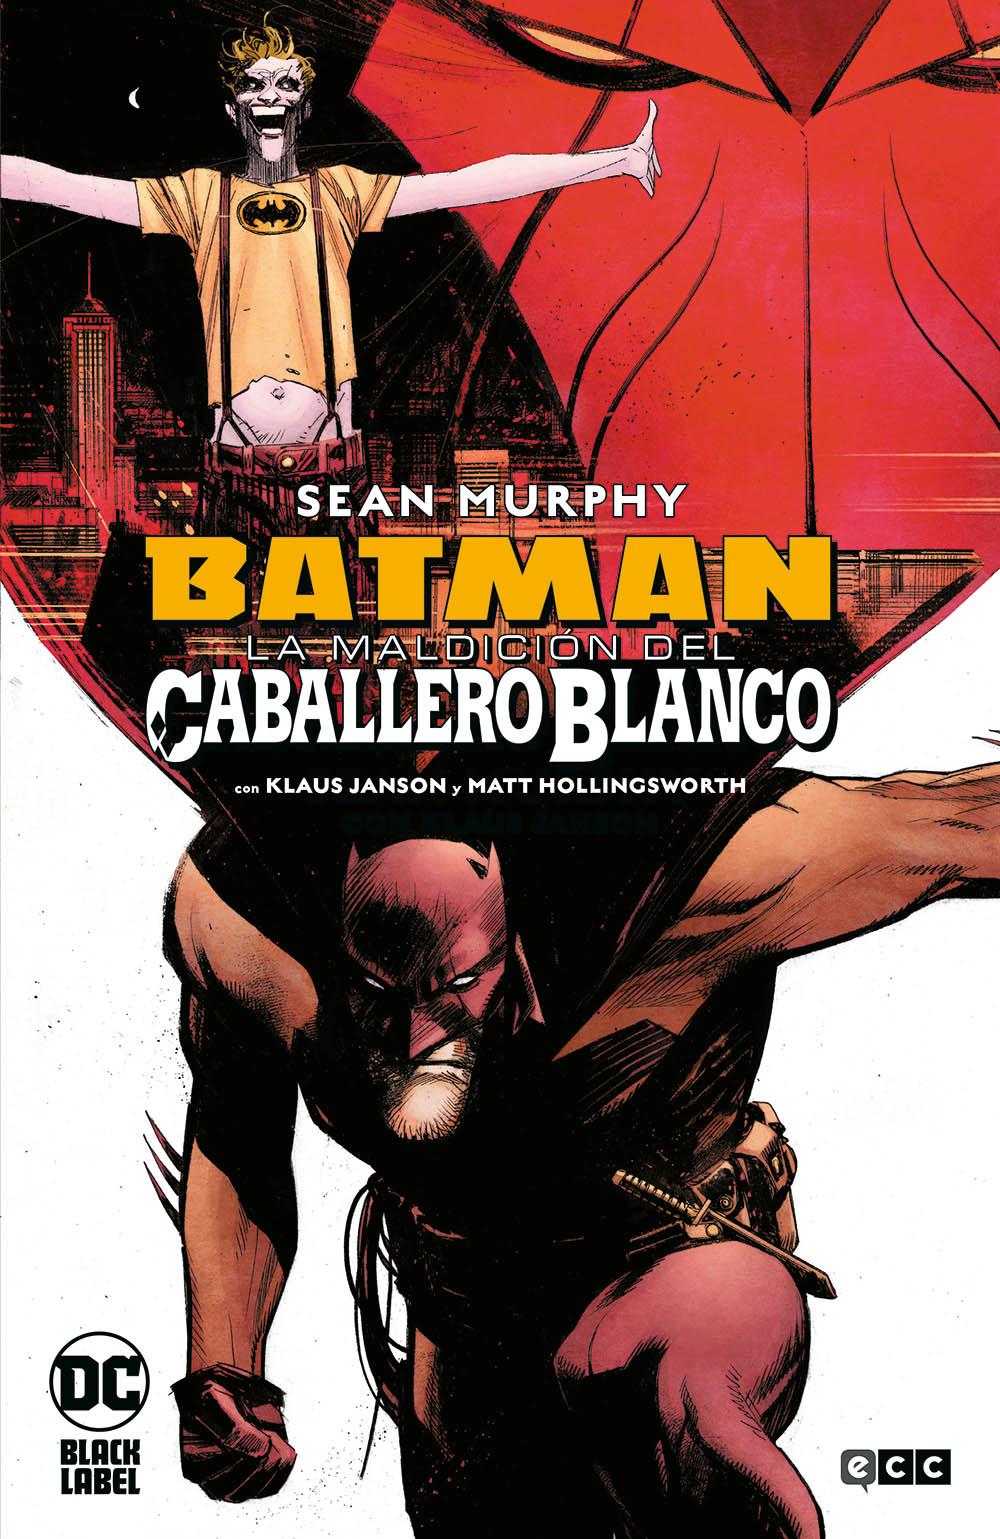 Reseña de Batman: La maldición del Caballero Blanco